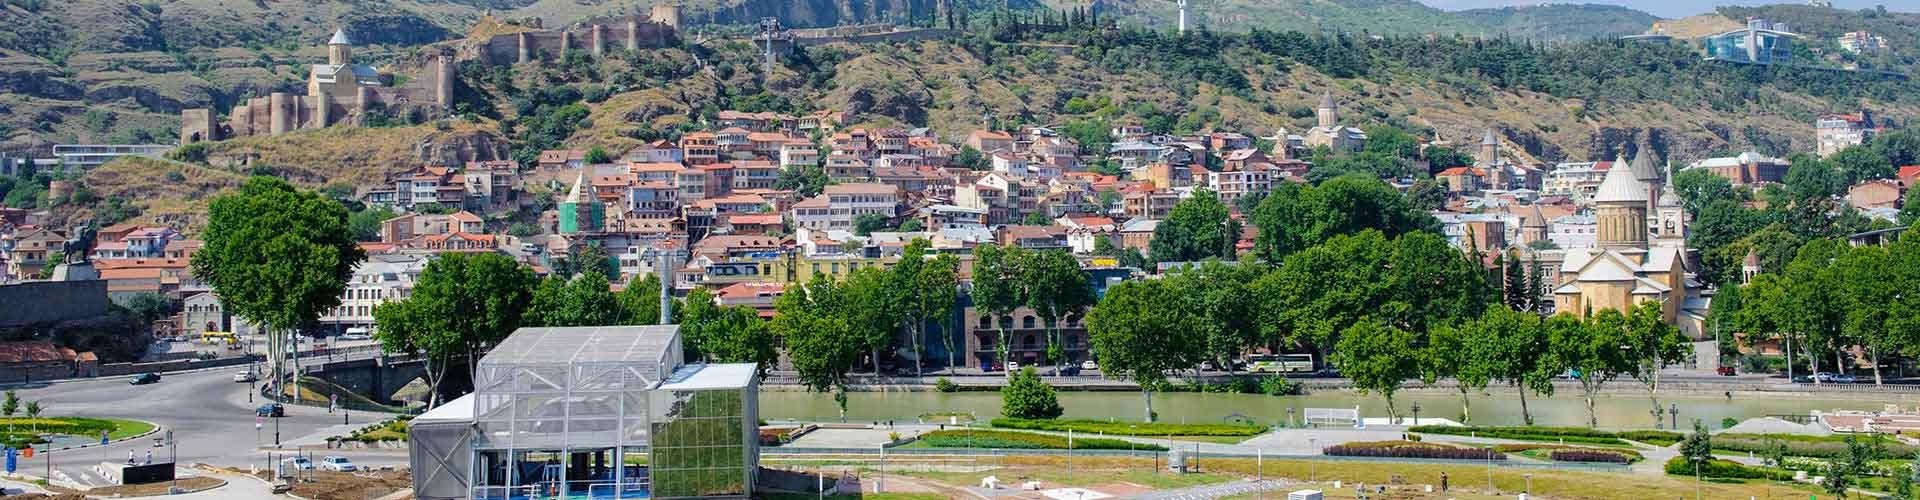 Tbilisi - Hostelů v Tbilisi. Mapy pro Tbilisi, fotky a recenze pro každý hostel v Tbilisi.